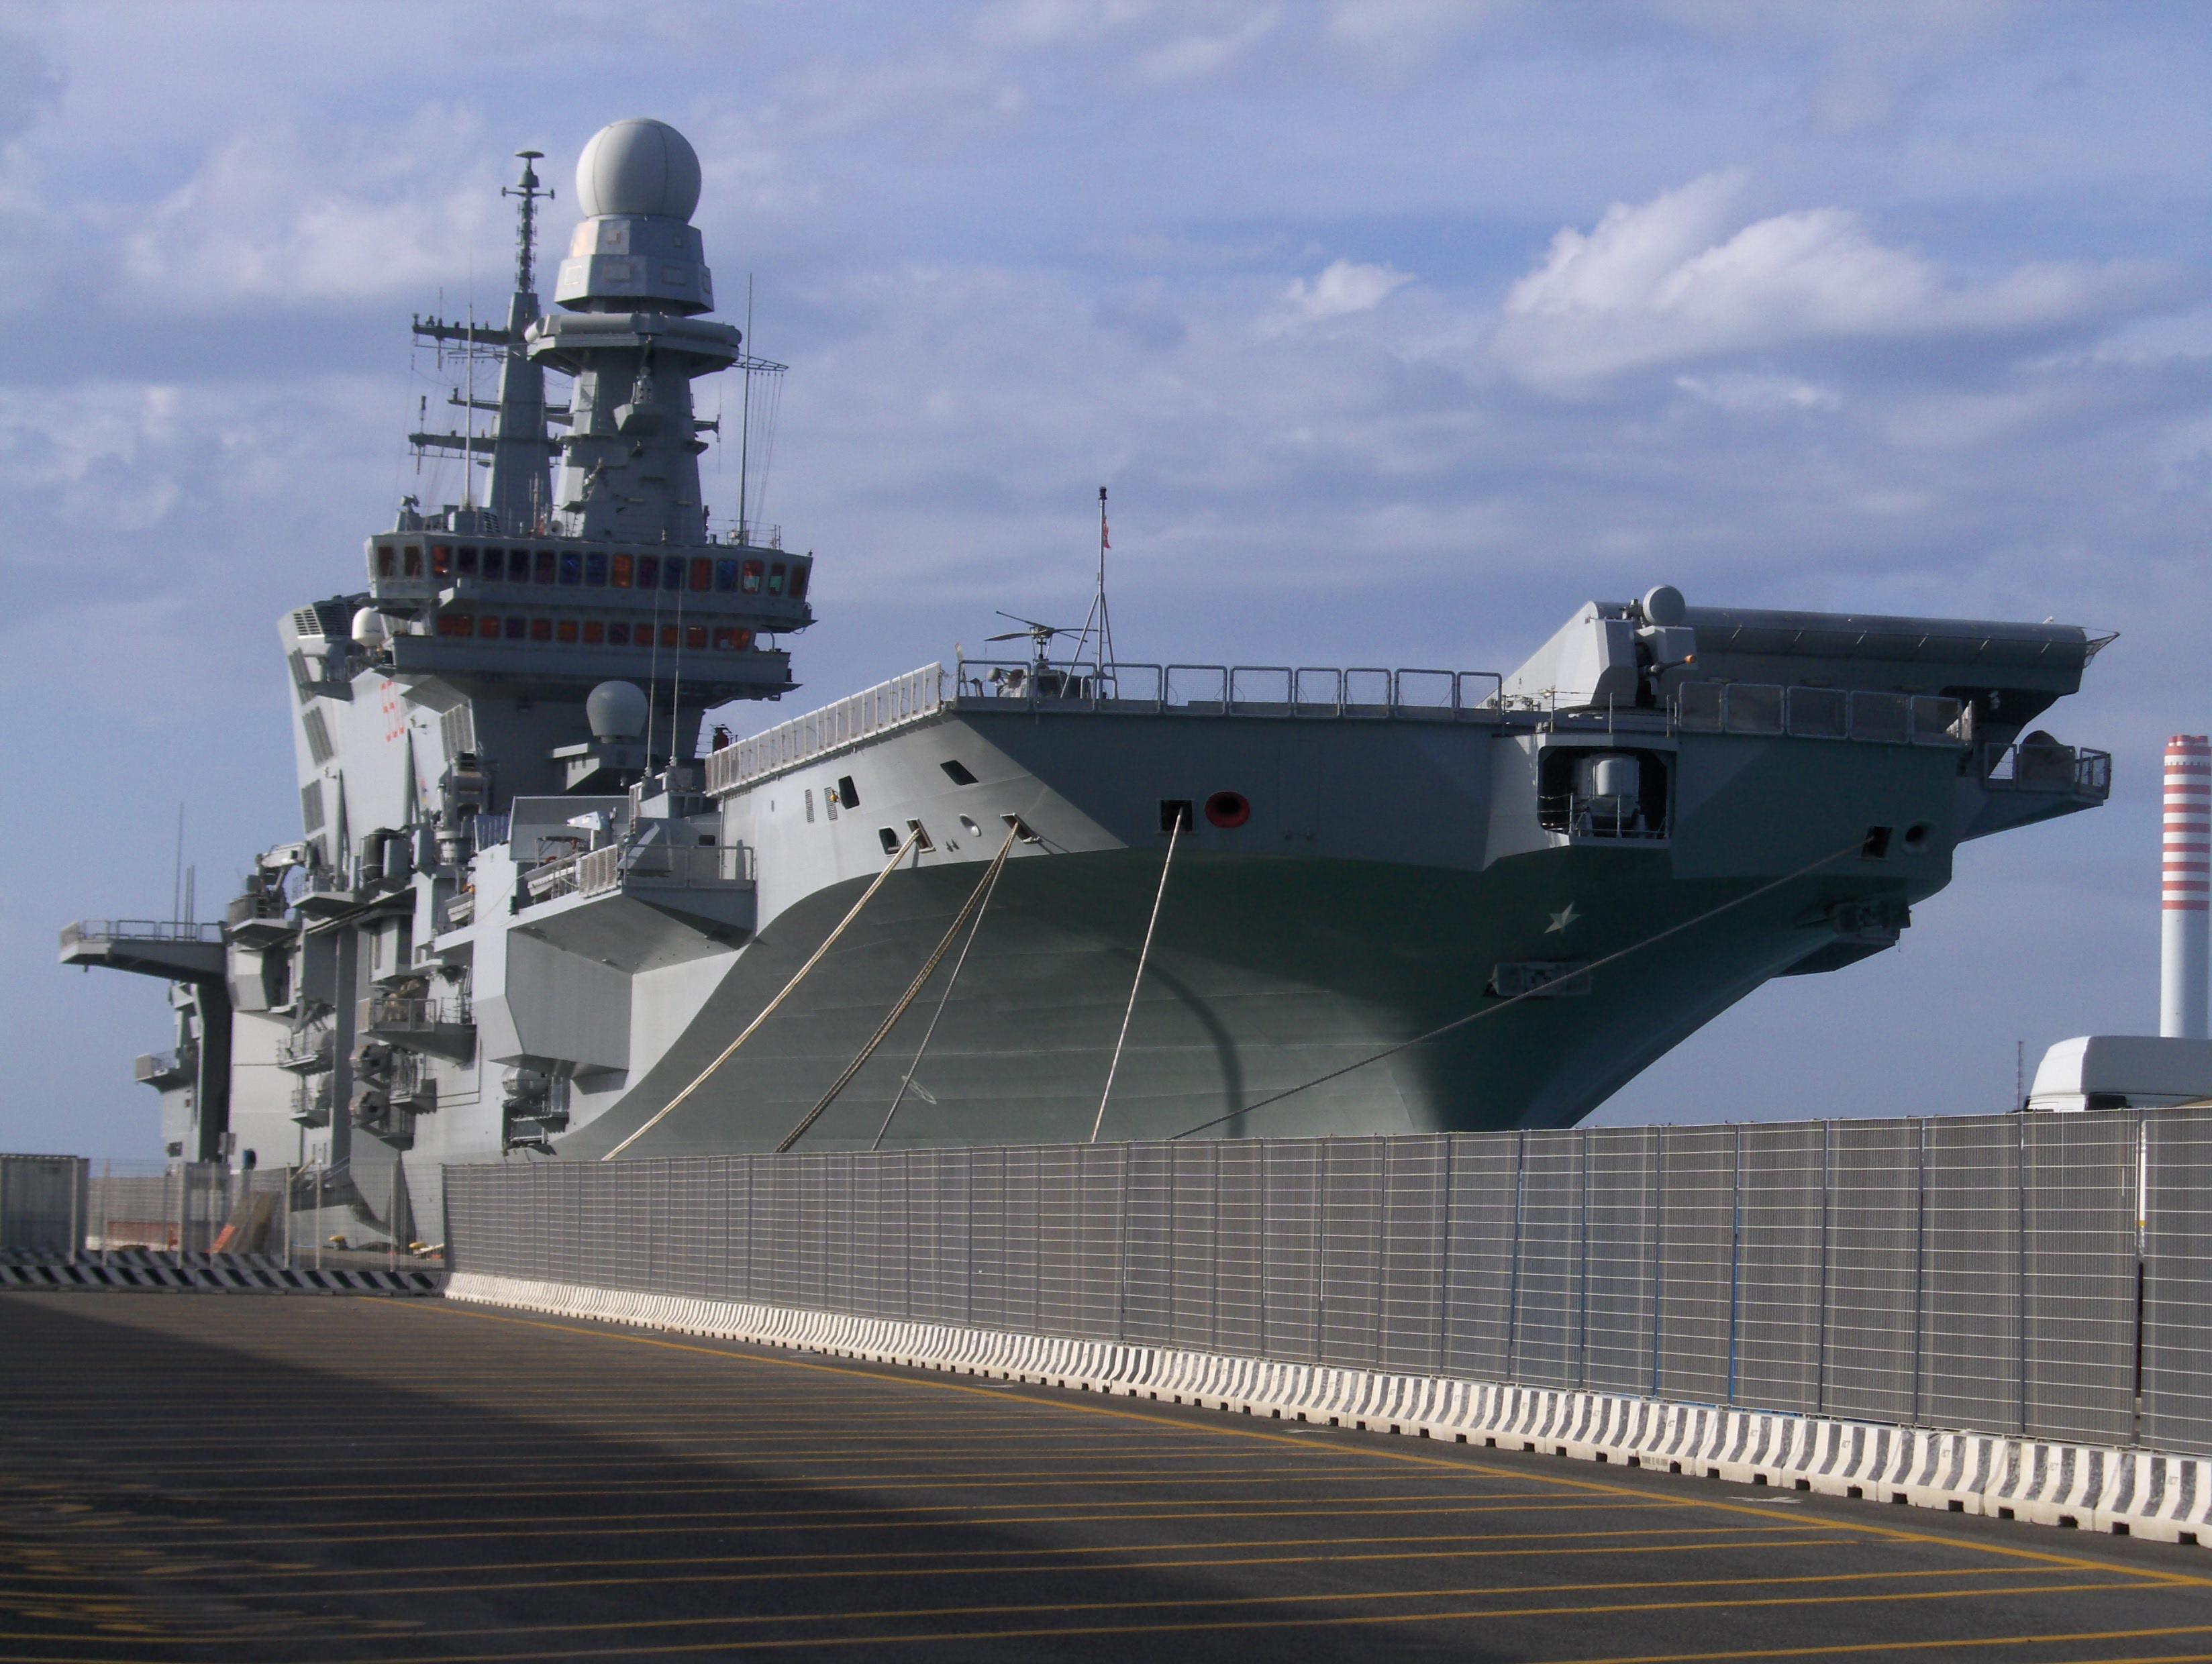 Visita a nave cavour - Nave portaerei ...